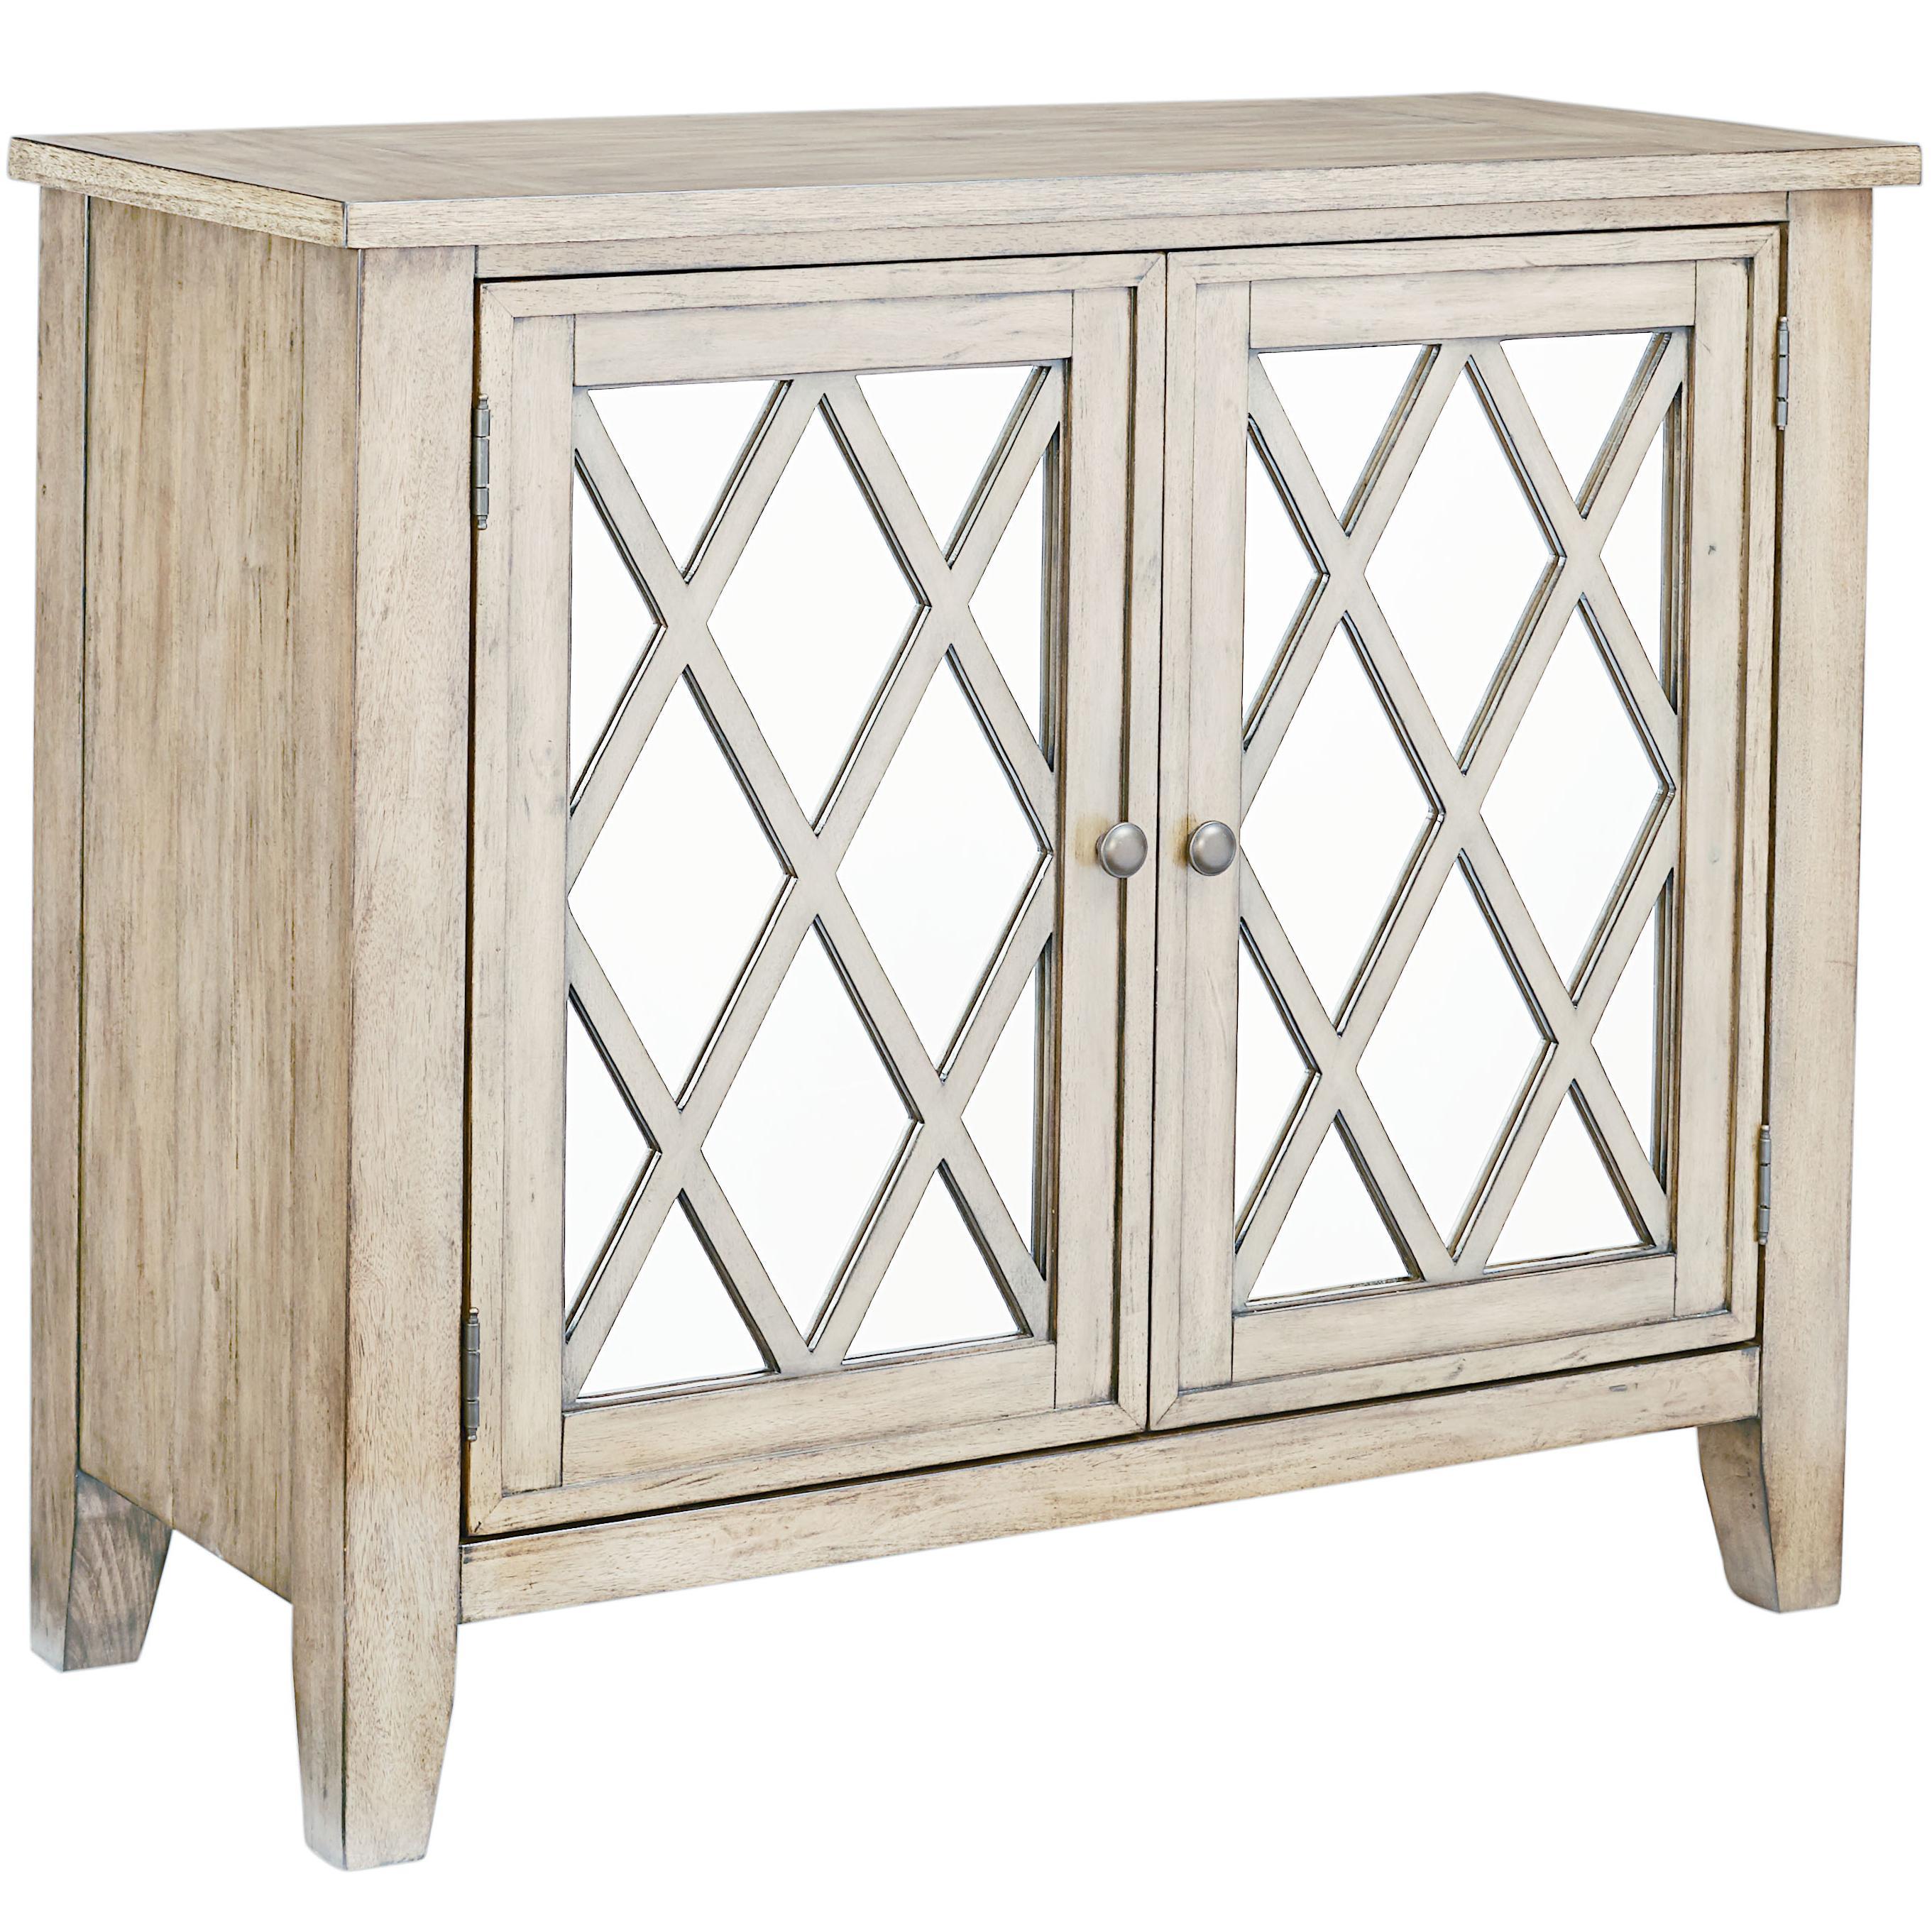 Standard Furniture Vintage Server - Item Number: 11308